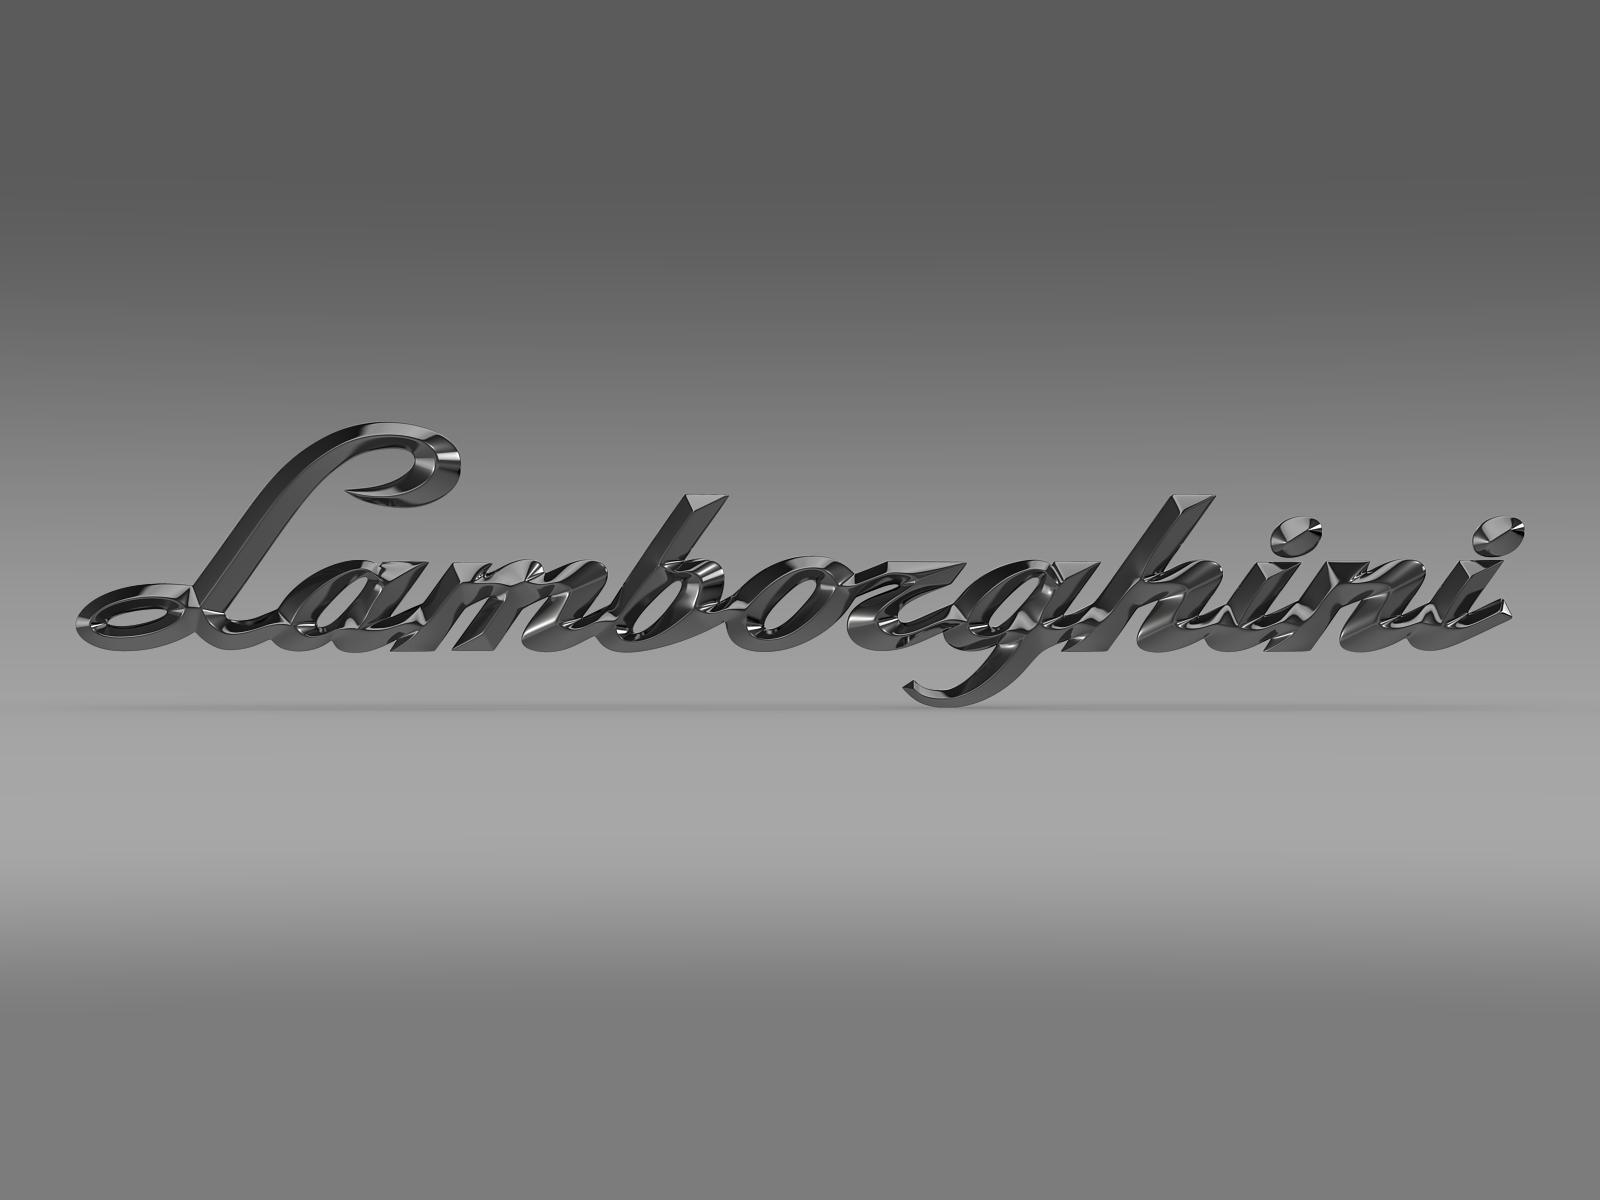 logo lamborghini - llythyrau 3d model 3ds max fbx c4d ar gyfer yr hrc xsi obj 163048